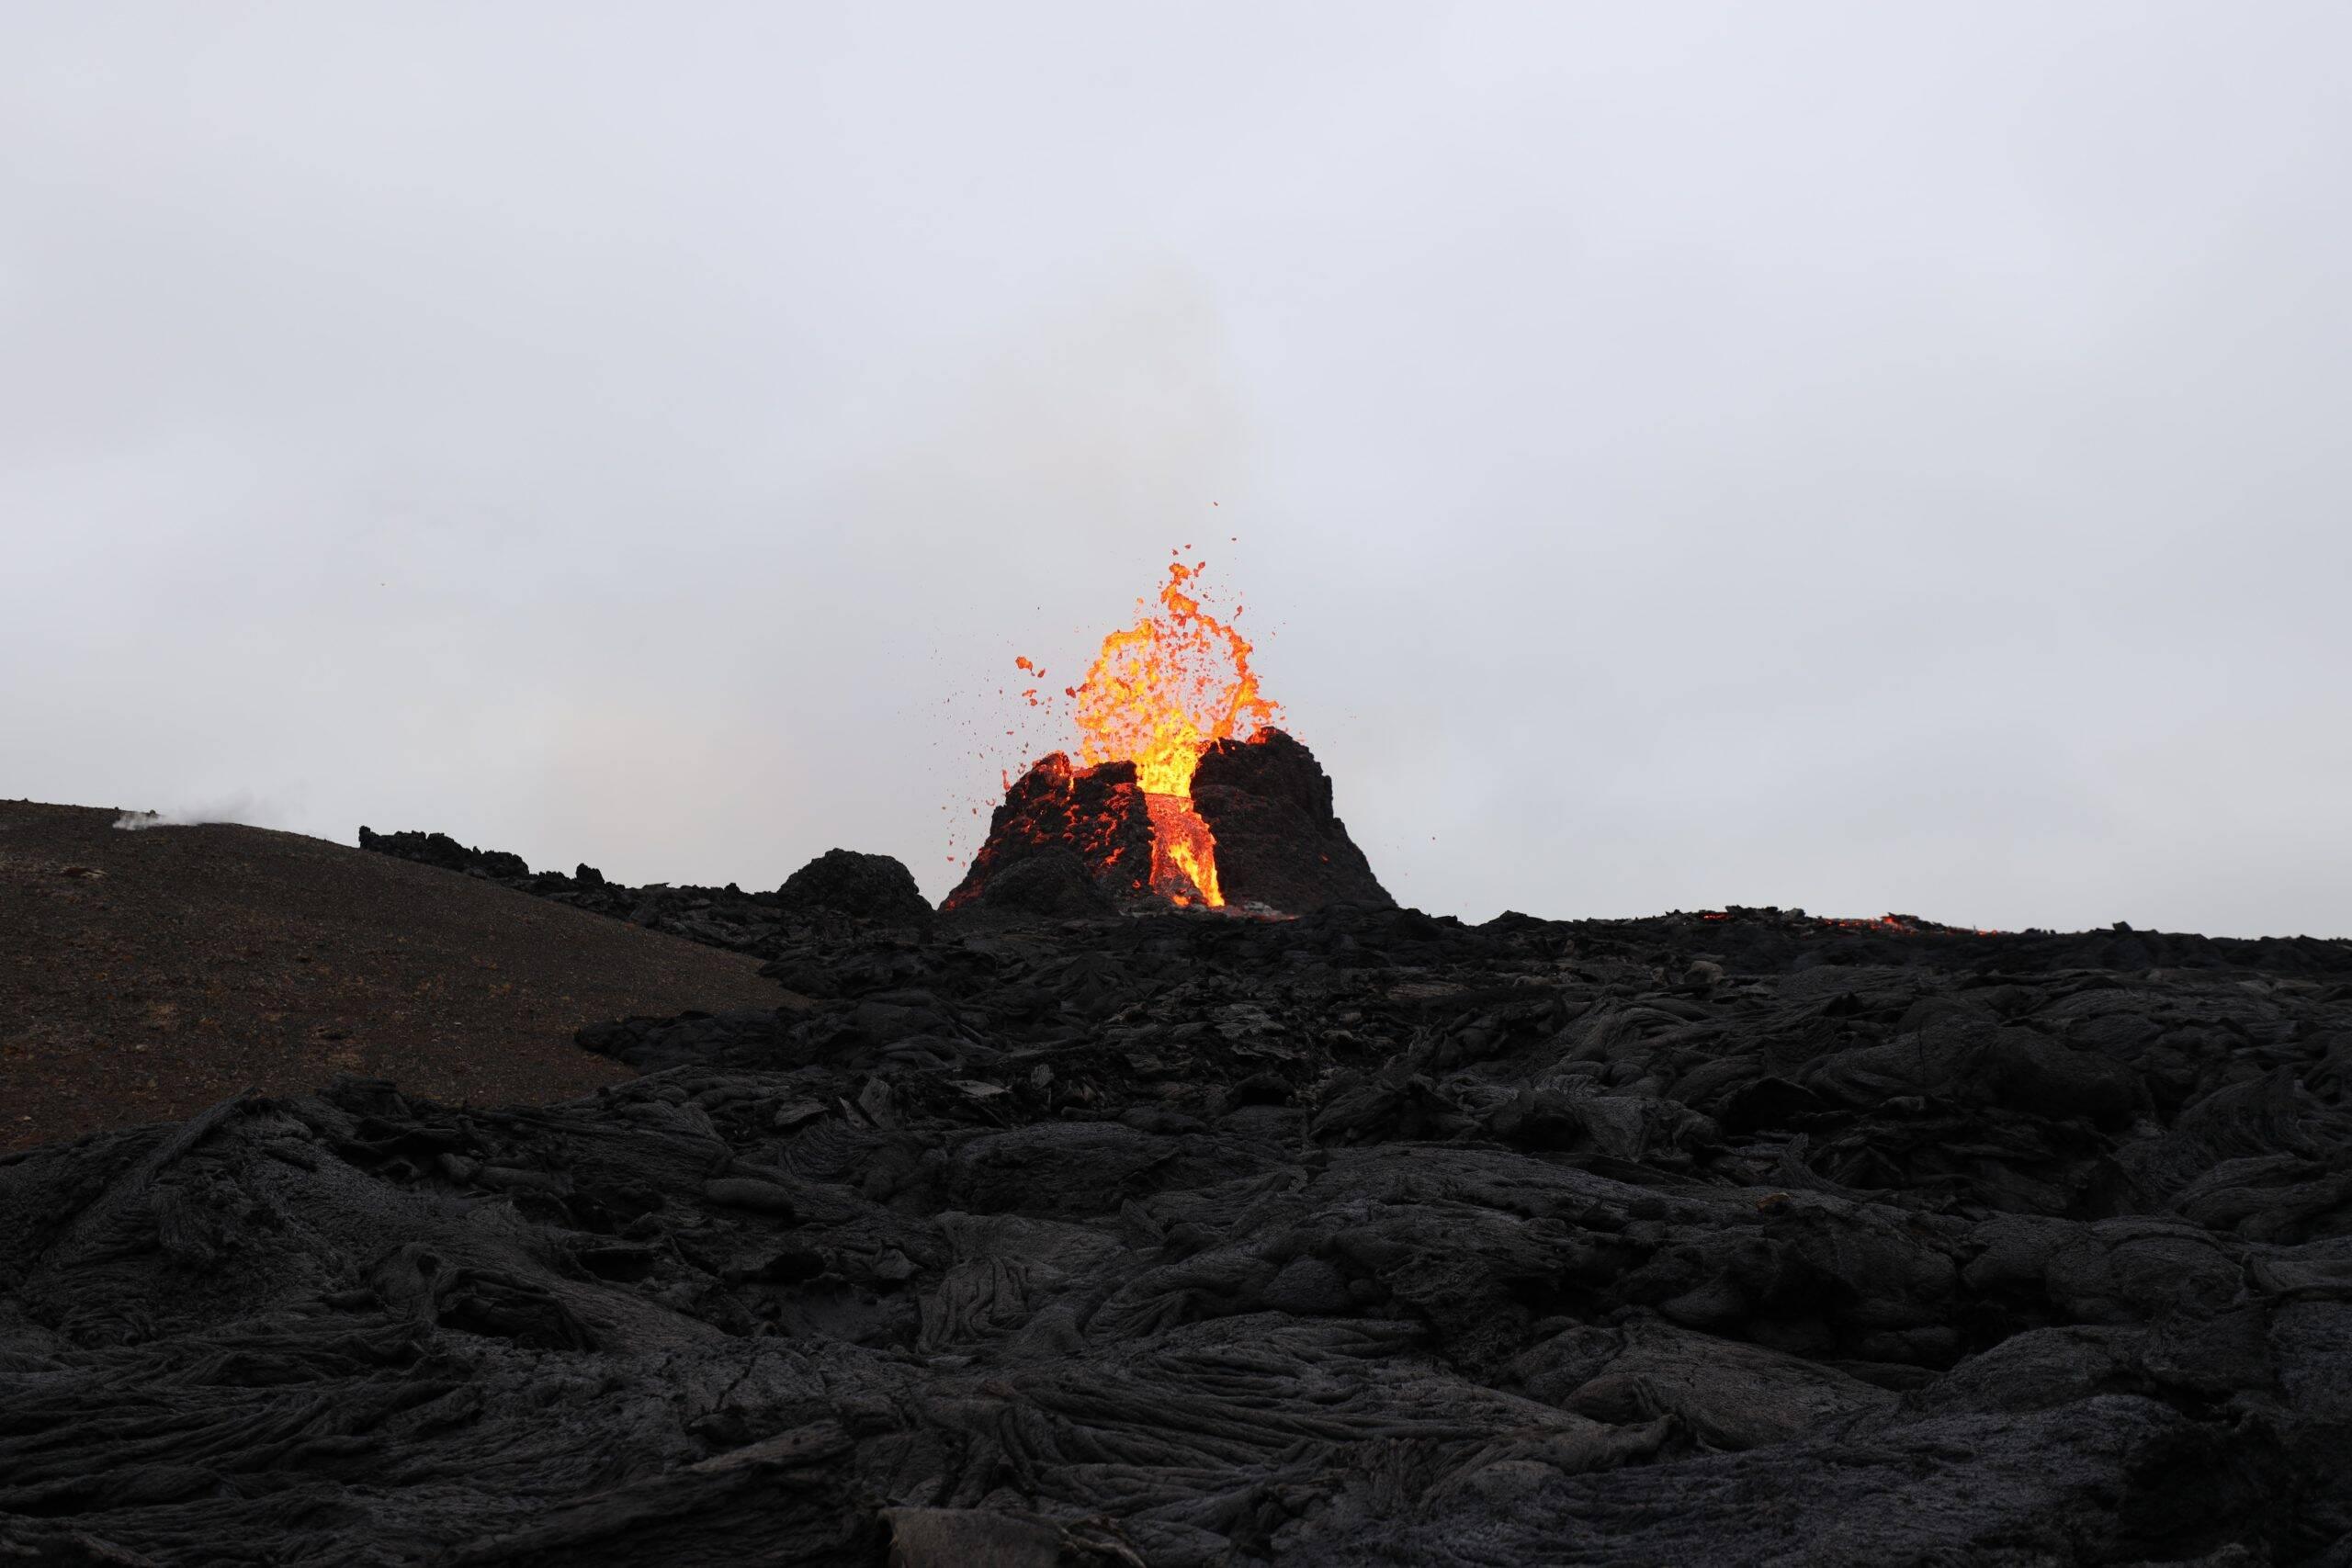 Com isso, na última quinta-feira (16), os especialistas emitiram um alerta amarelo de risco de erupção do vulcão. (Foto: Unsplash)